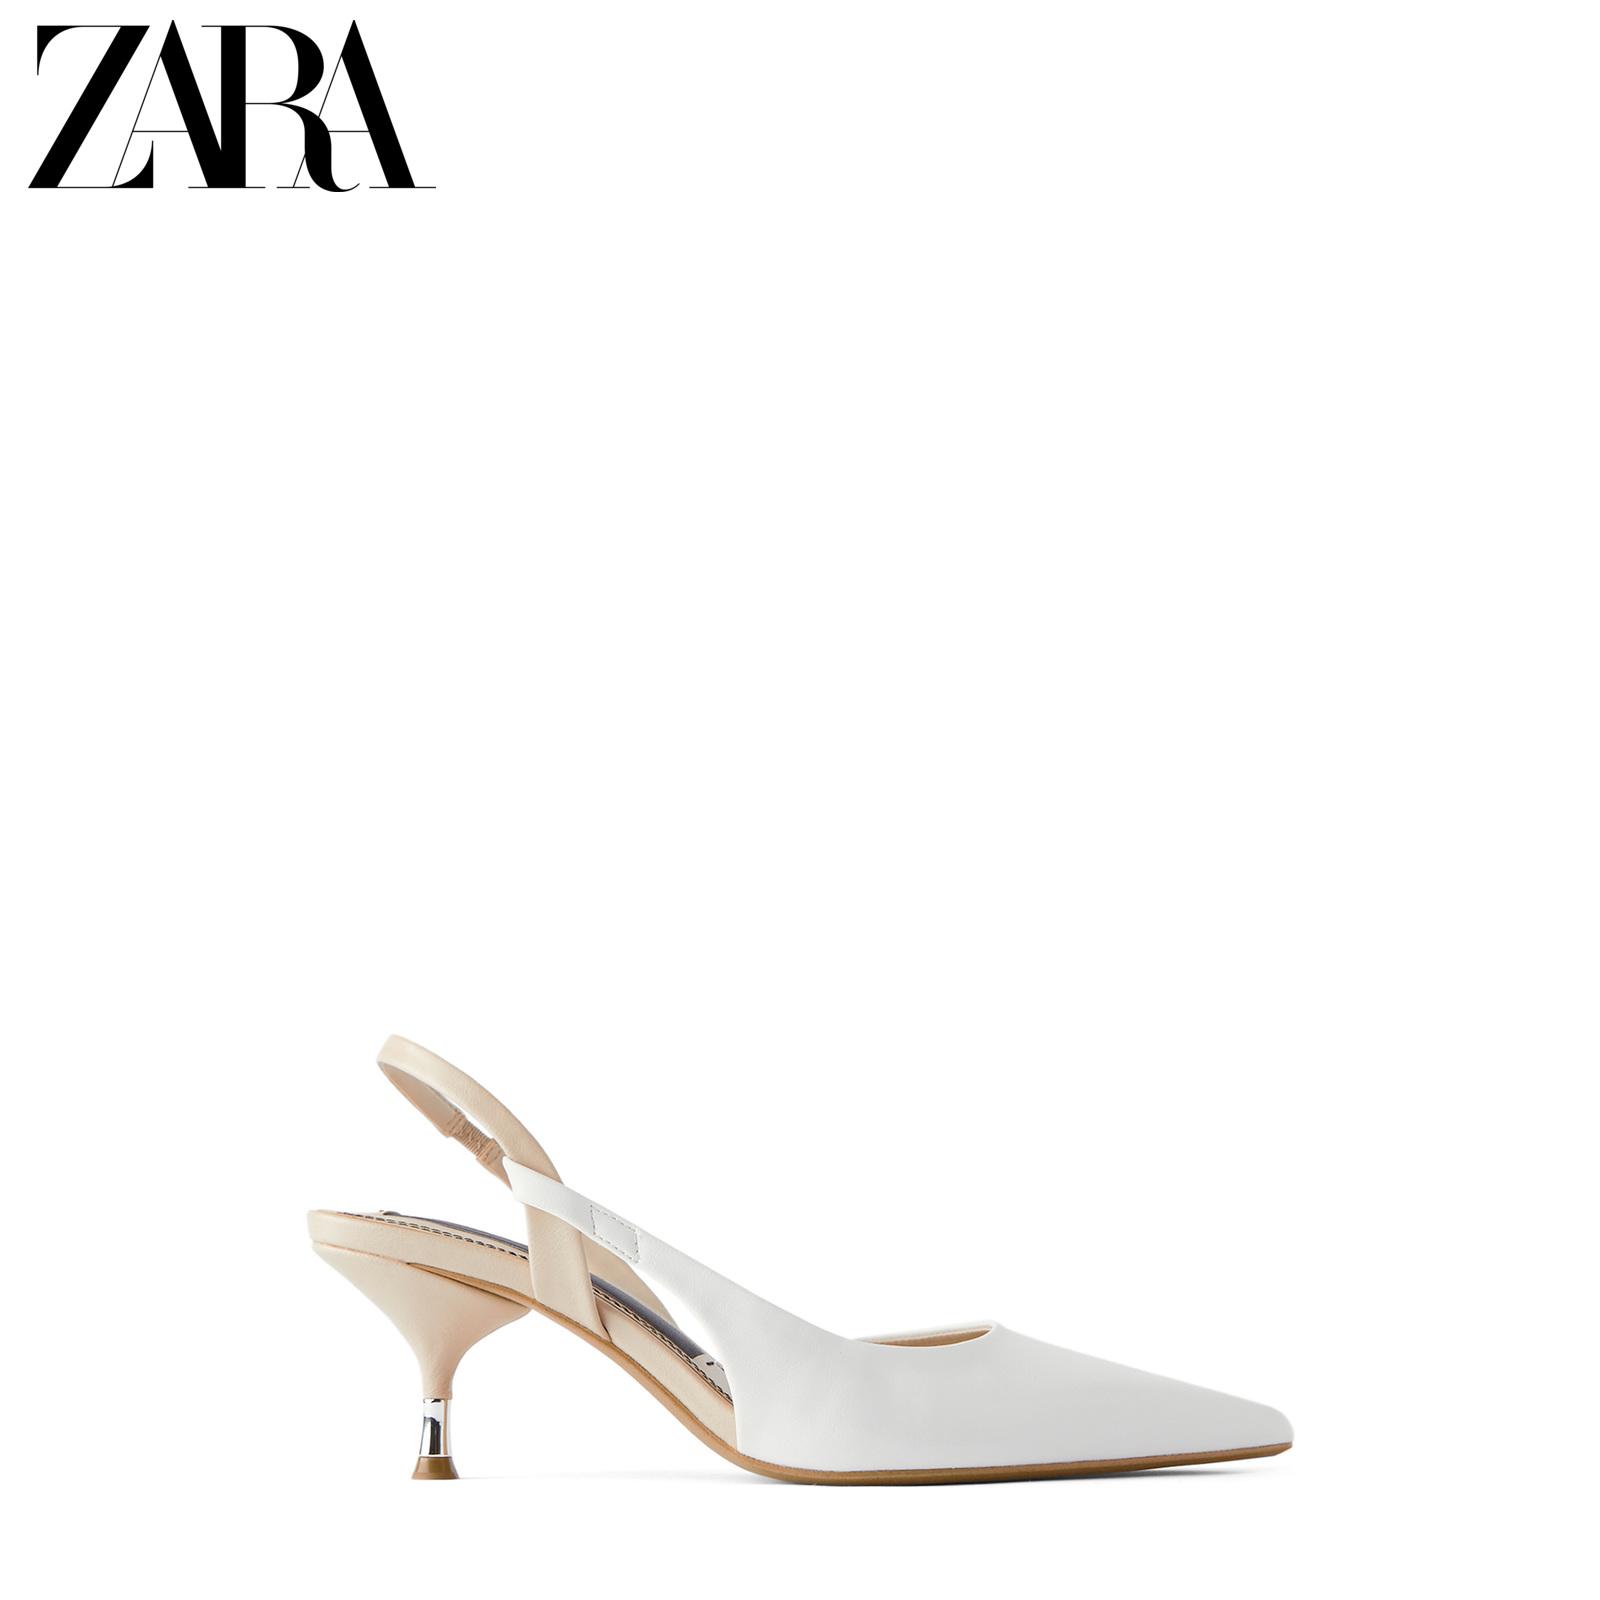 ZARA 新款 女鞋 白色尖头细跟露跟高跟鞋 12208511001